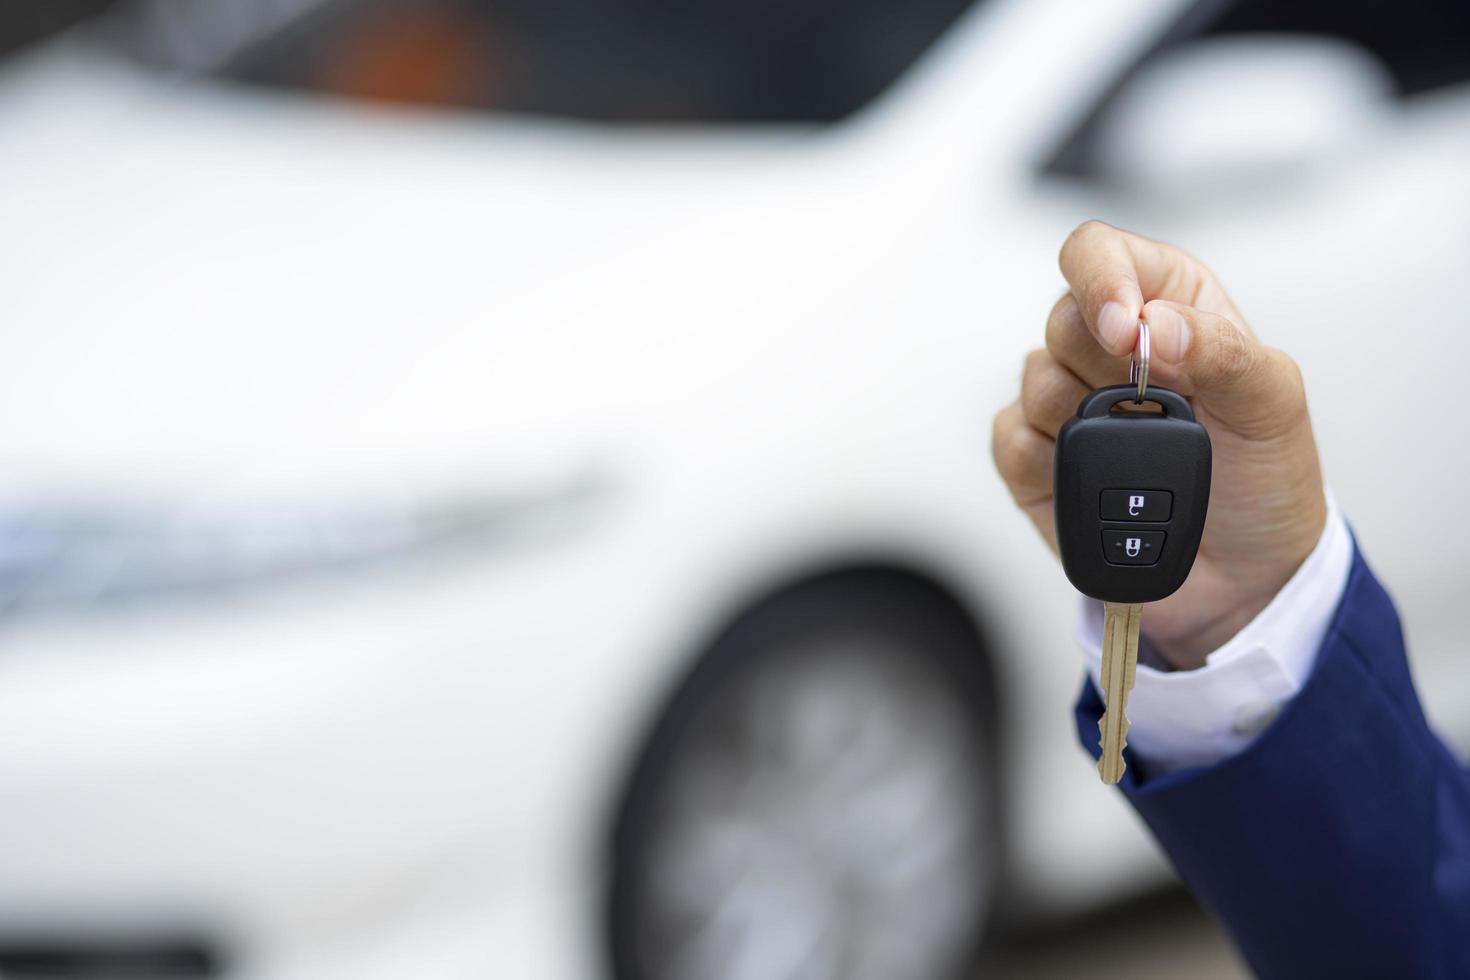 persoon met sleutels tot auto foto